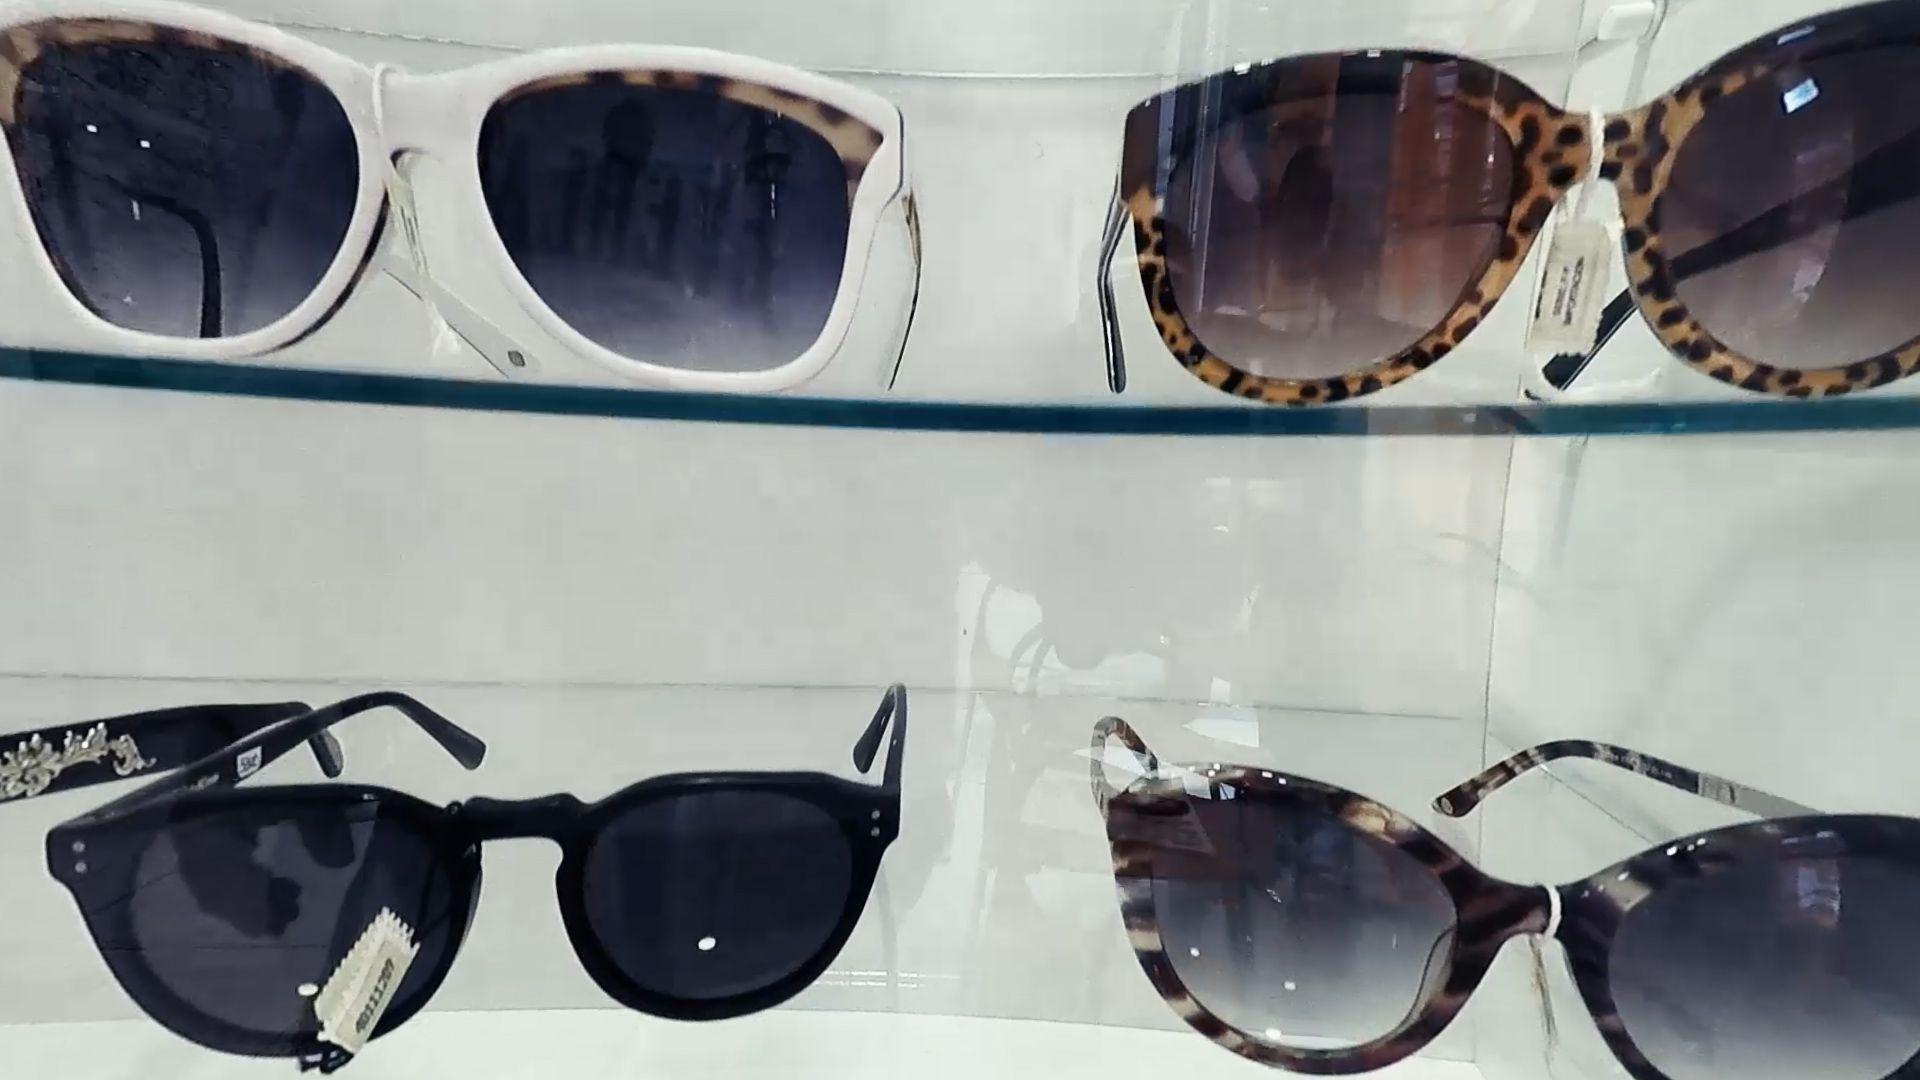 Vidriera con gafas para sol